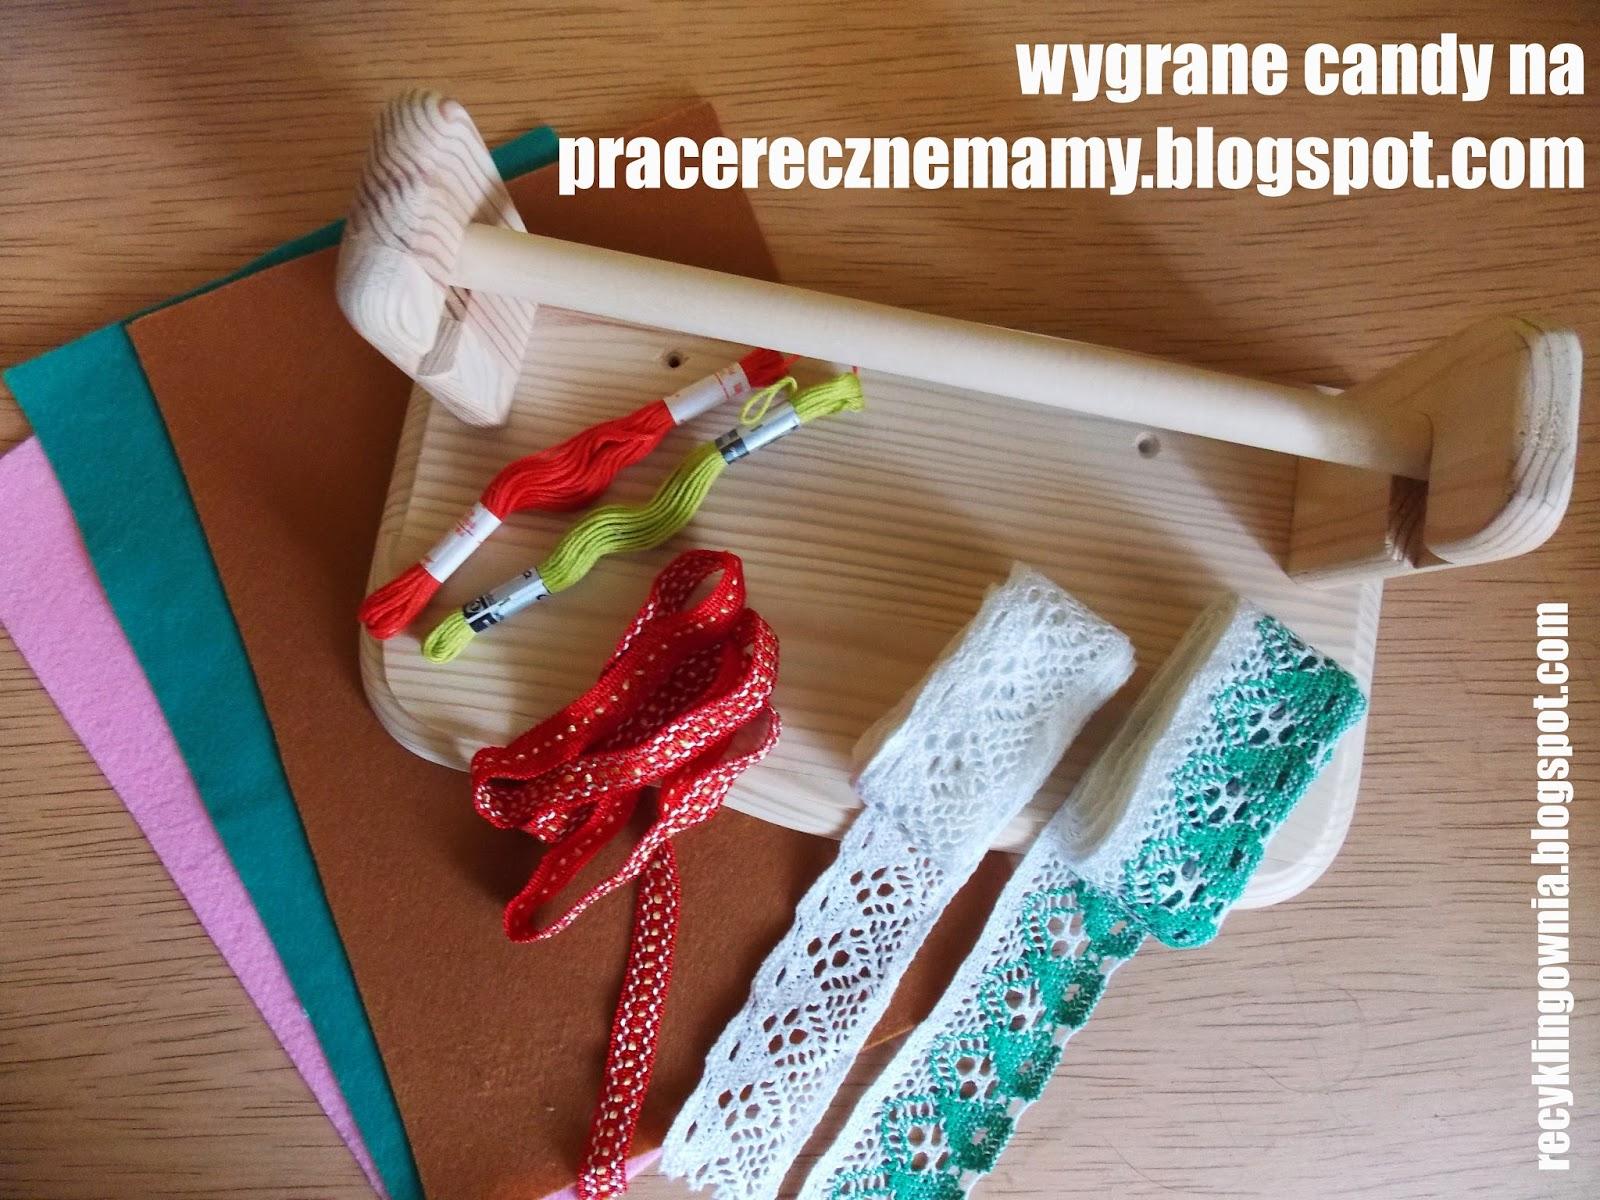 http://pracerecznemamy.blogspot.com/